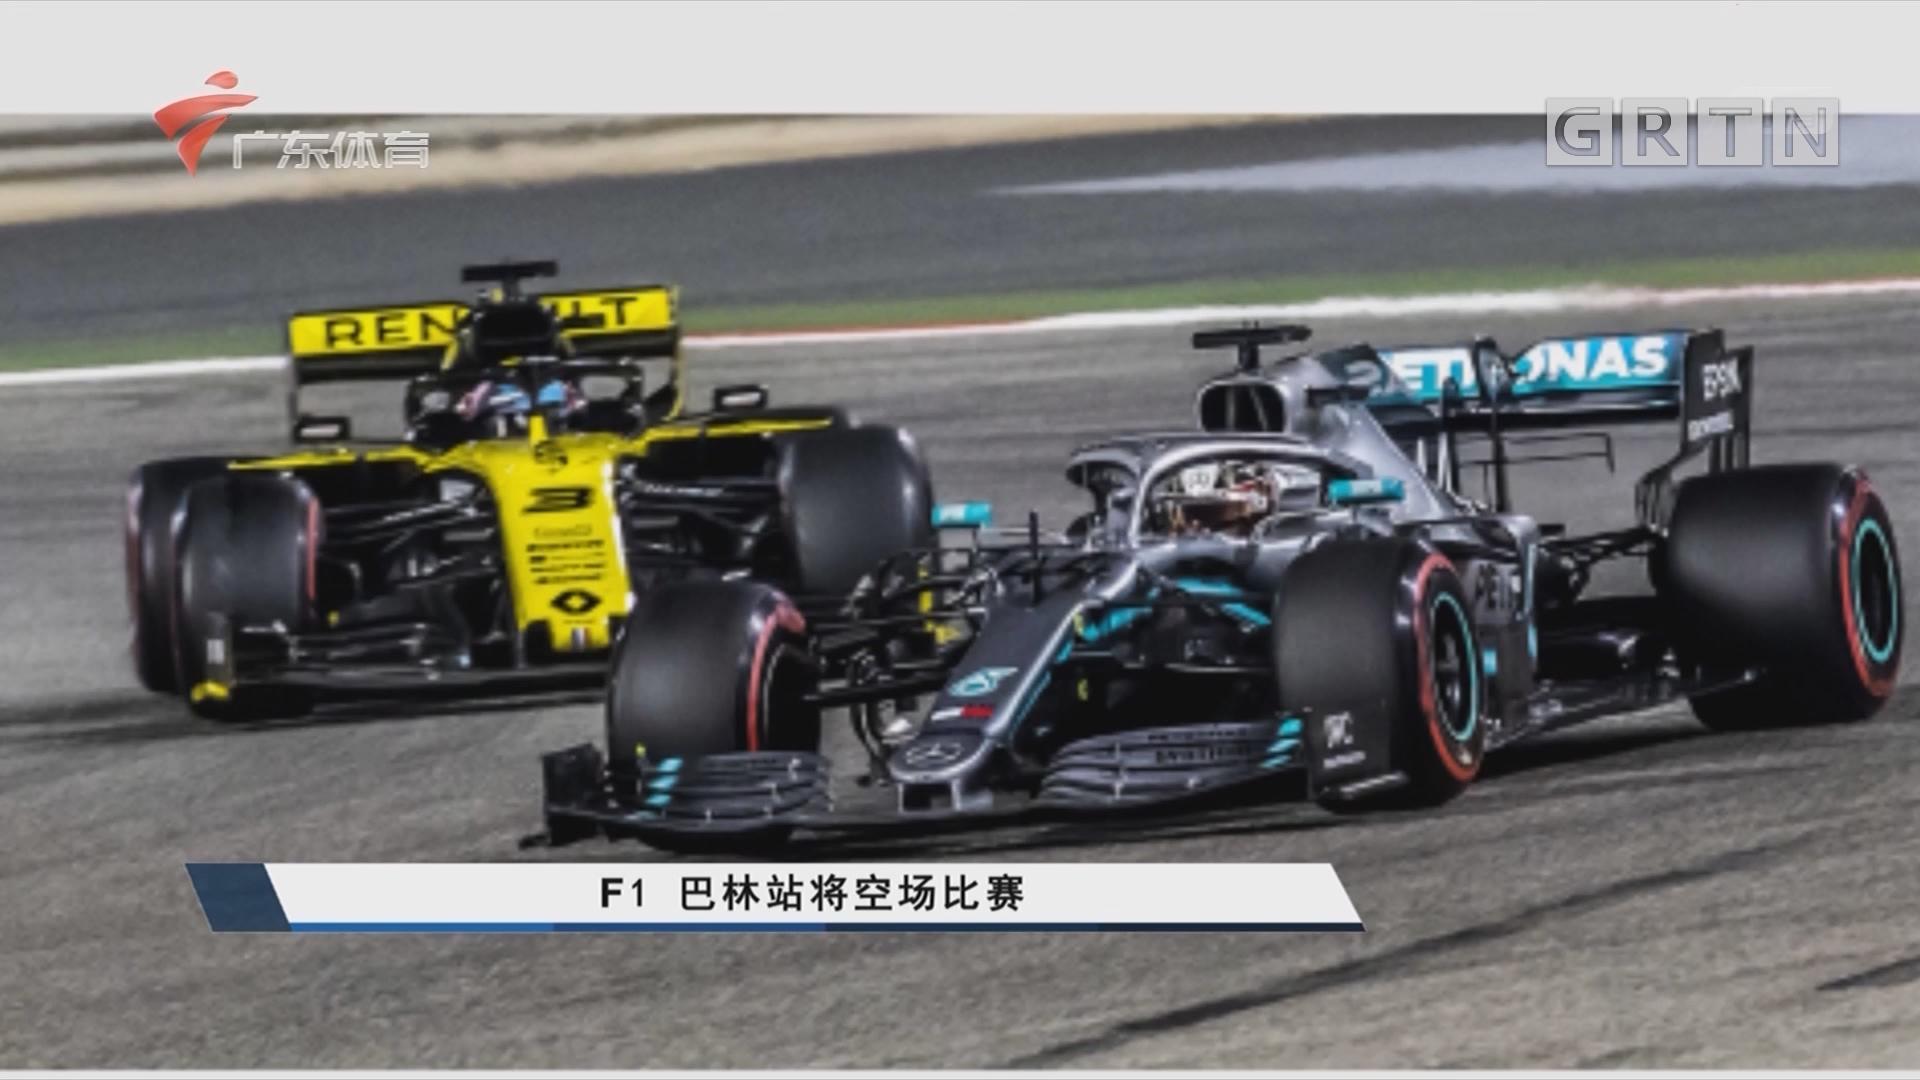 F1 巴林站将空场比赛